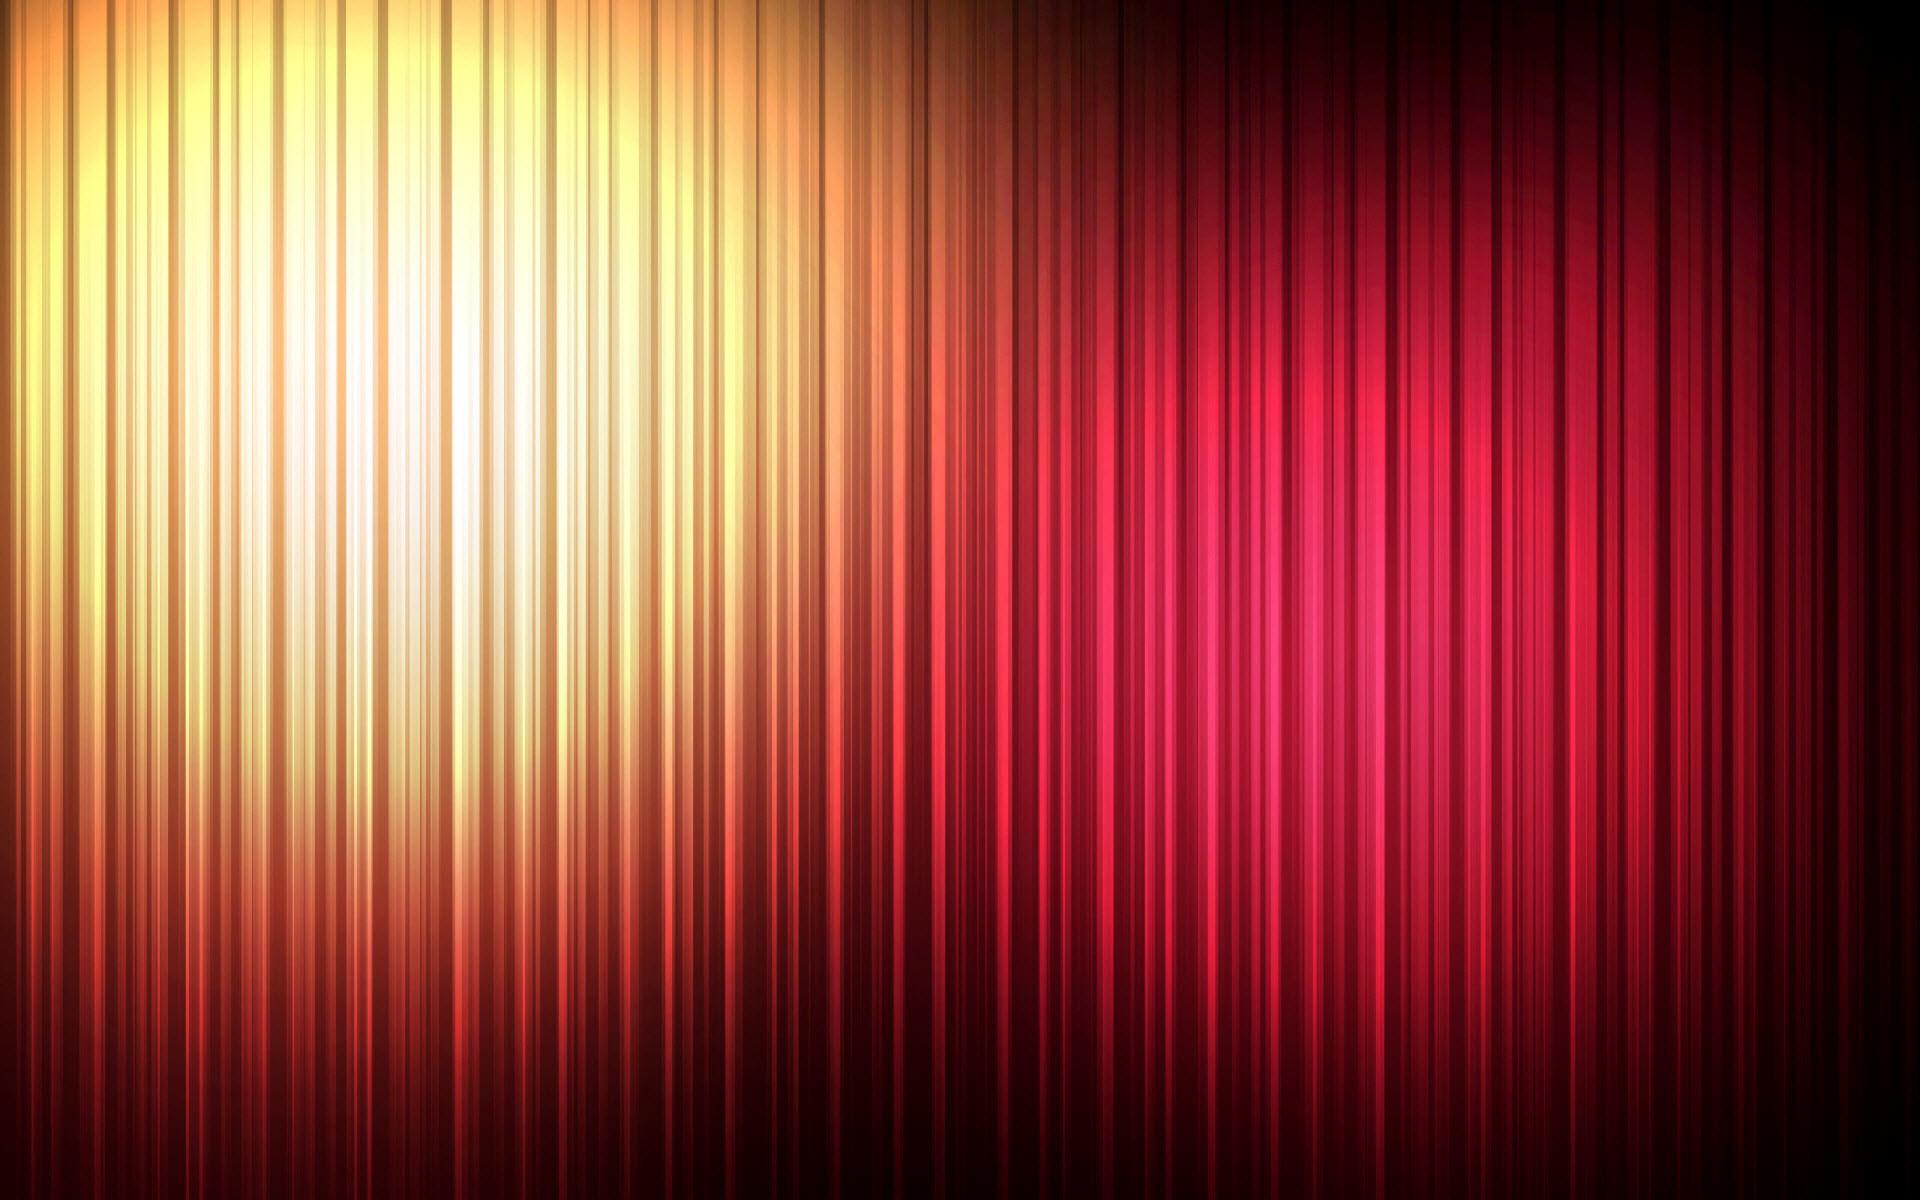 wallpaper cortina azul larga, backgrounds cortina azul larga   Wallpaper    Pinterest   Wallpaper